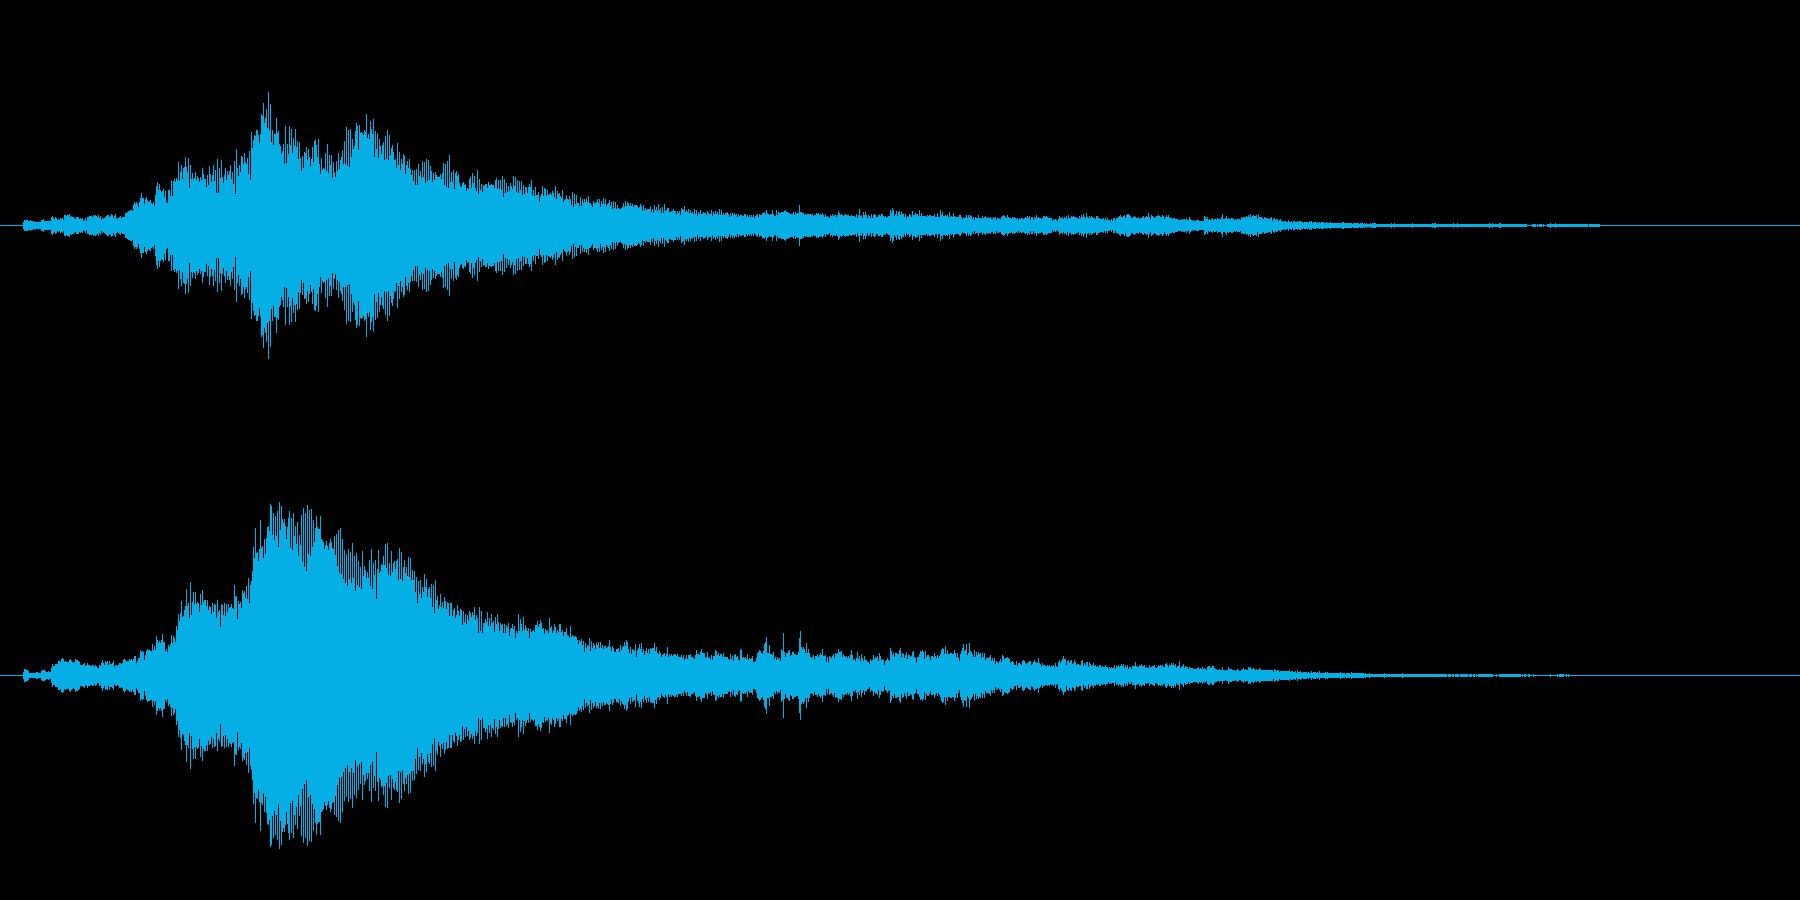 キラーン(キラキラした雰囲気)の再生済みの波形